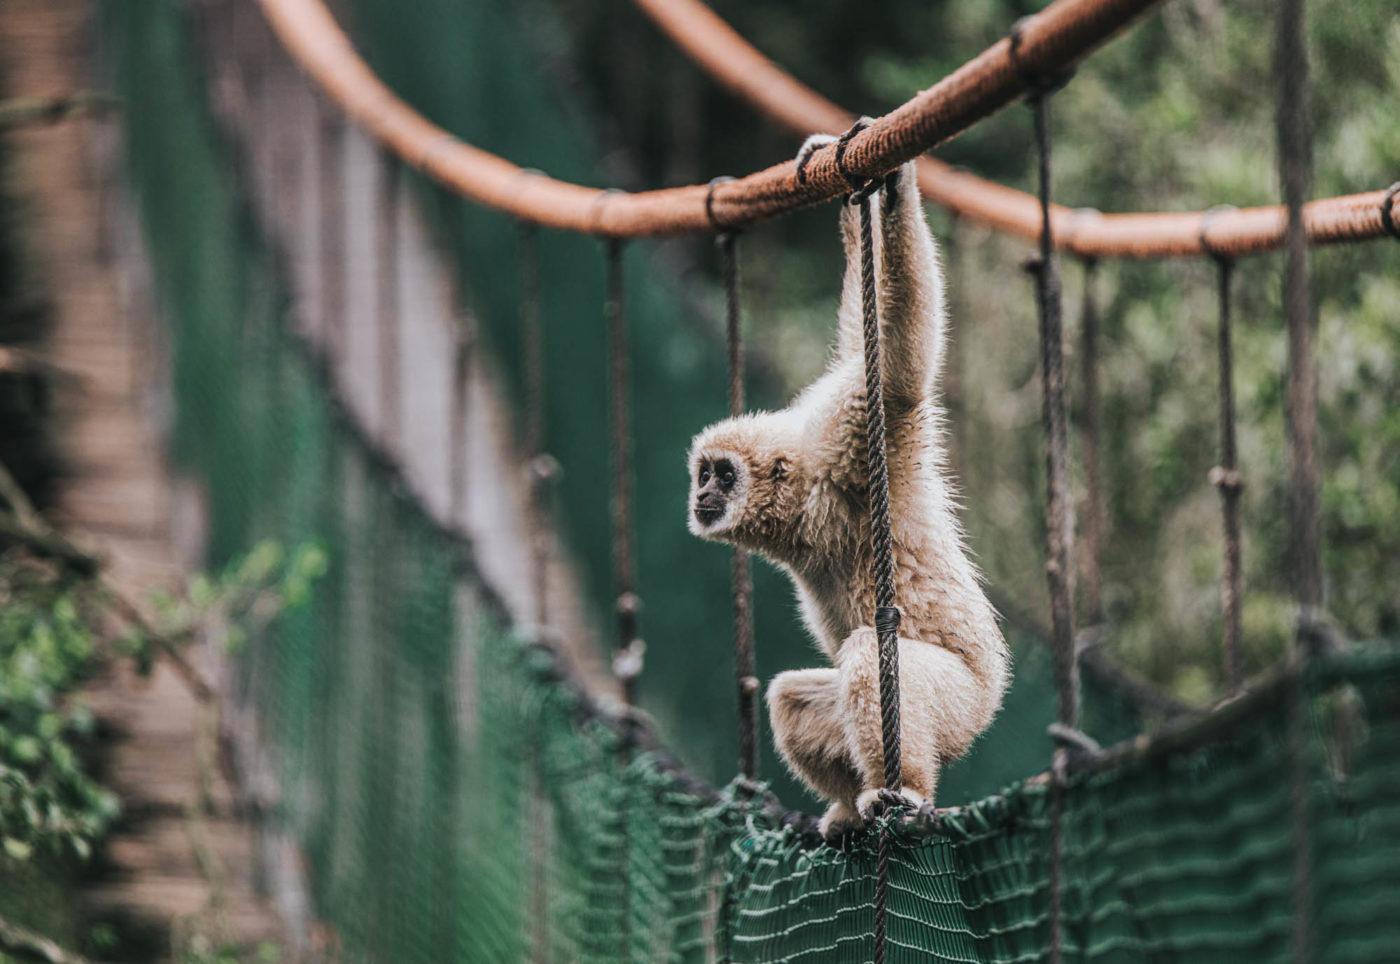 Gibbon at Monkeyland in Plettenberg Bay